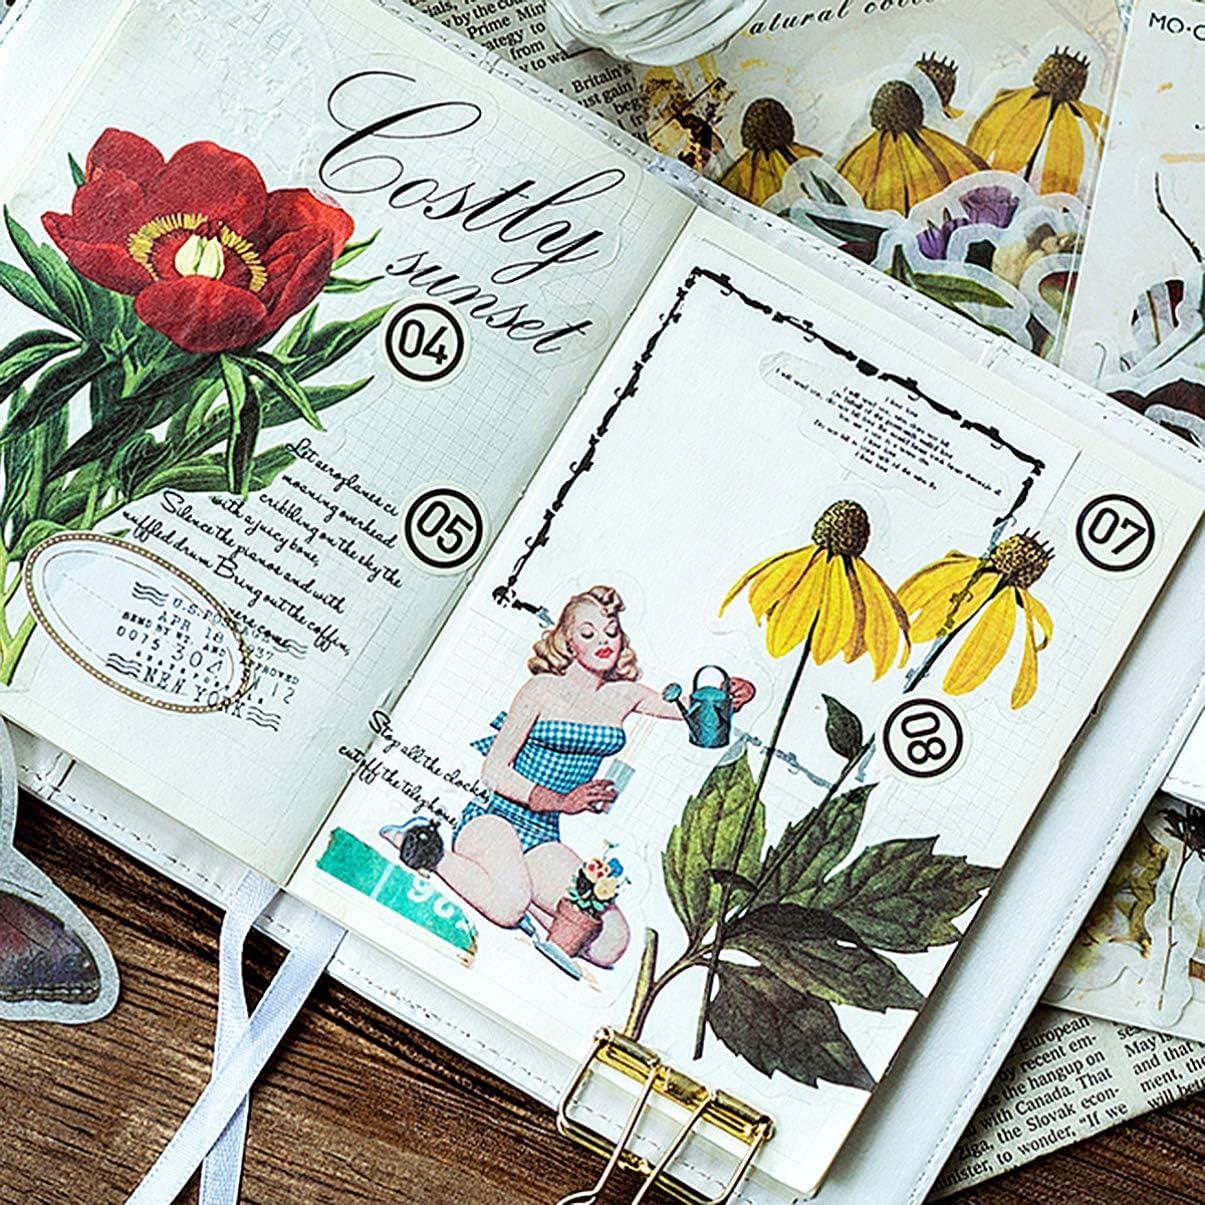 SUPVOX Pegatinas de 1 Hoja Pegatinas de Papel Floral Pegatinas de Flores Vintage Coloridas Decorativas Lindas para /álbum de /álbumes de Recortes